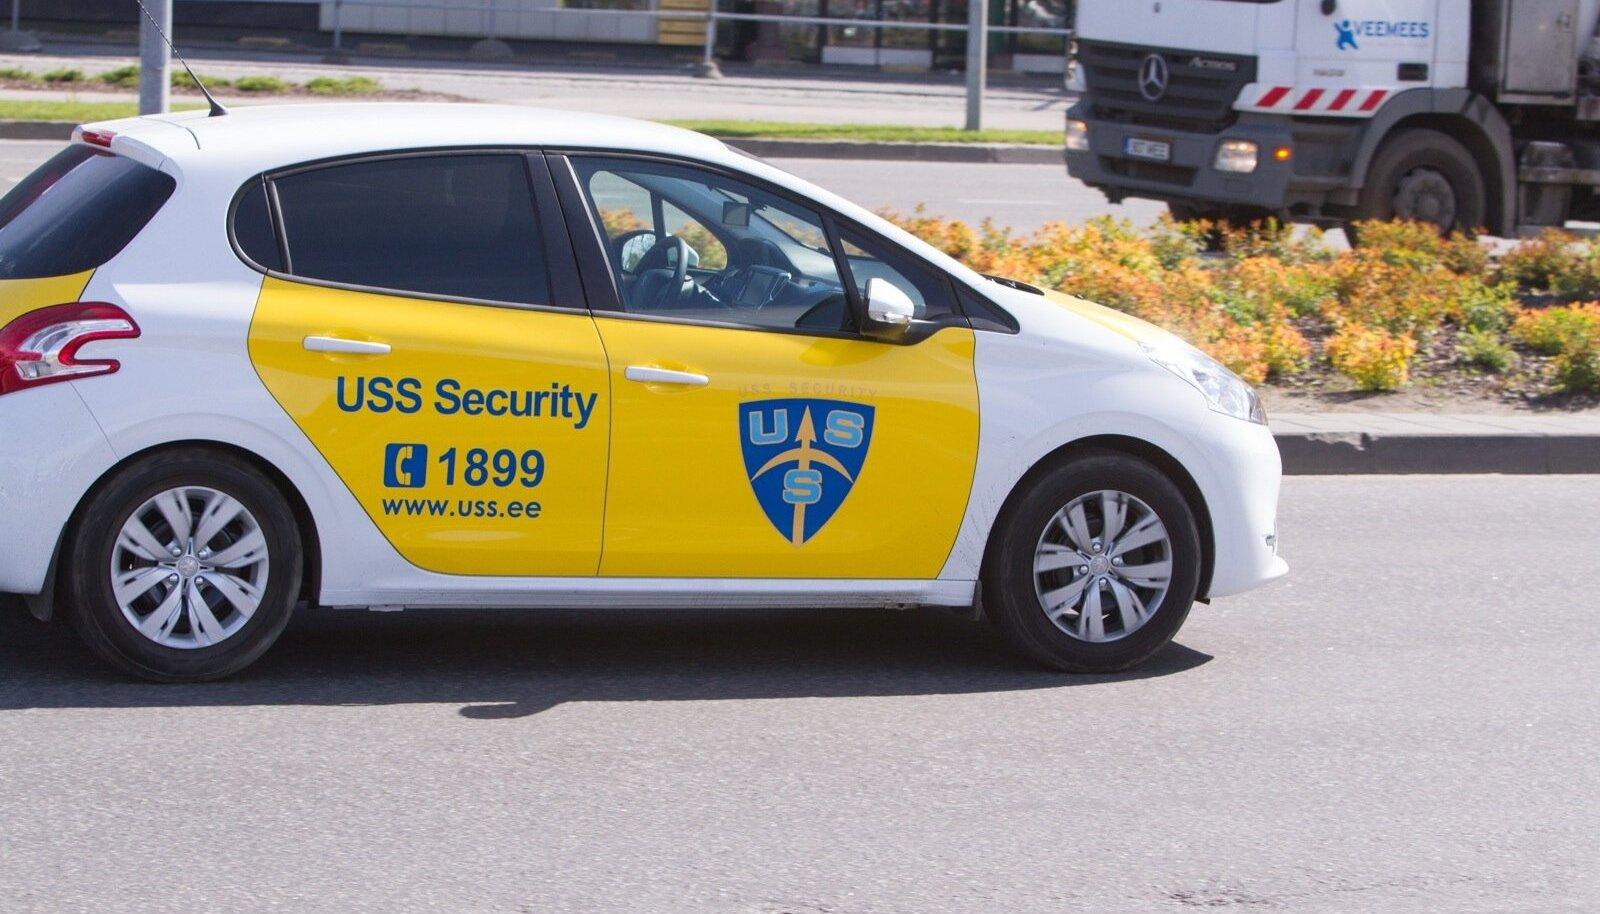 cfb311869fe Tallinn nõuab reklaami kuvavate seisvate autode eest reklaamimaksu